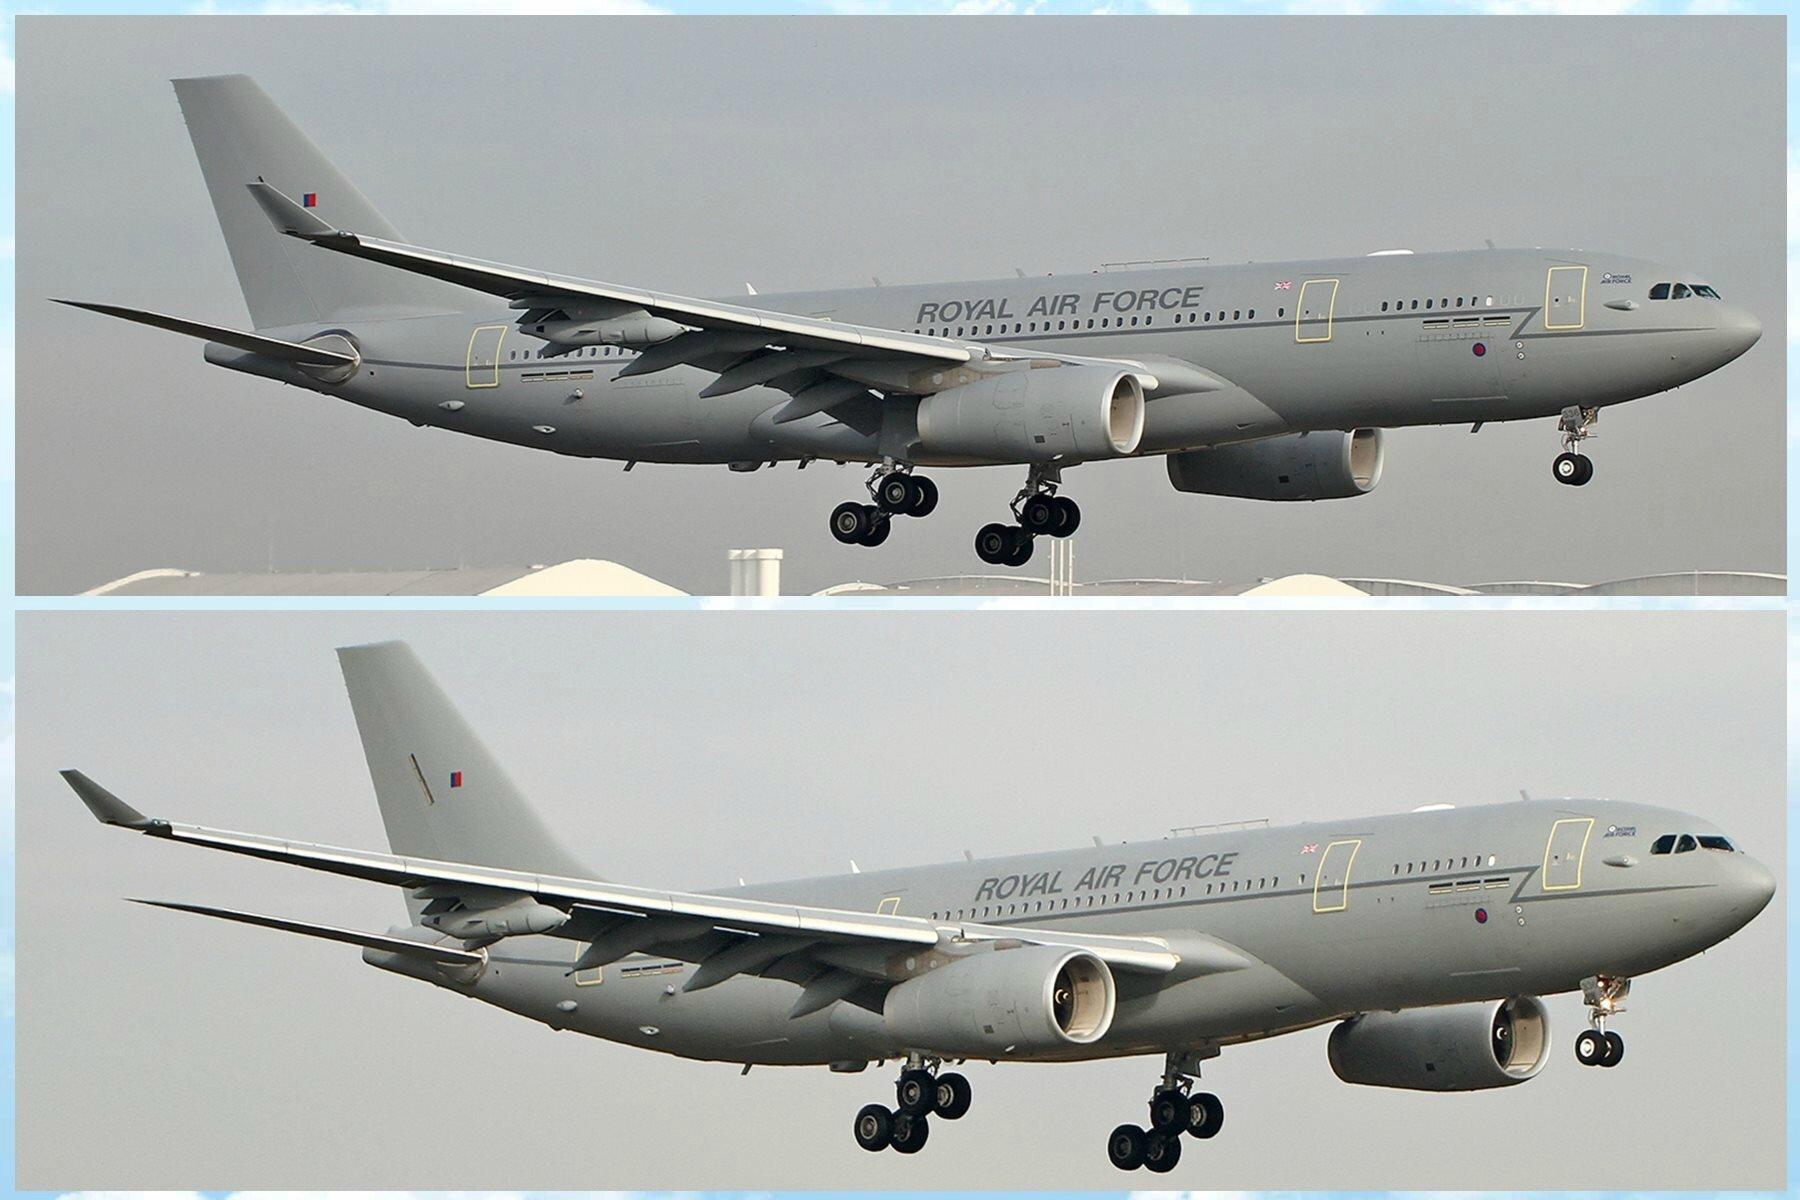 UK-Air Force (Royal-Air Force